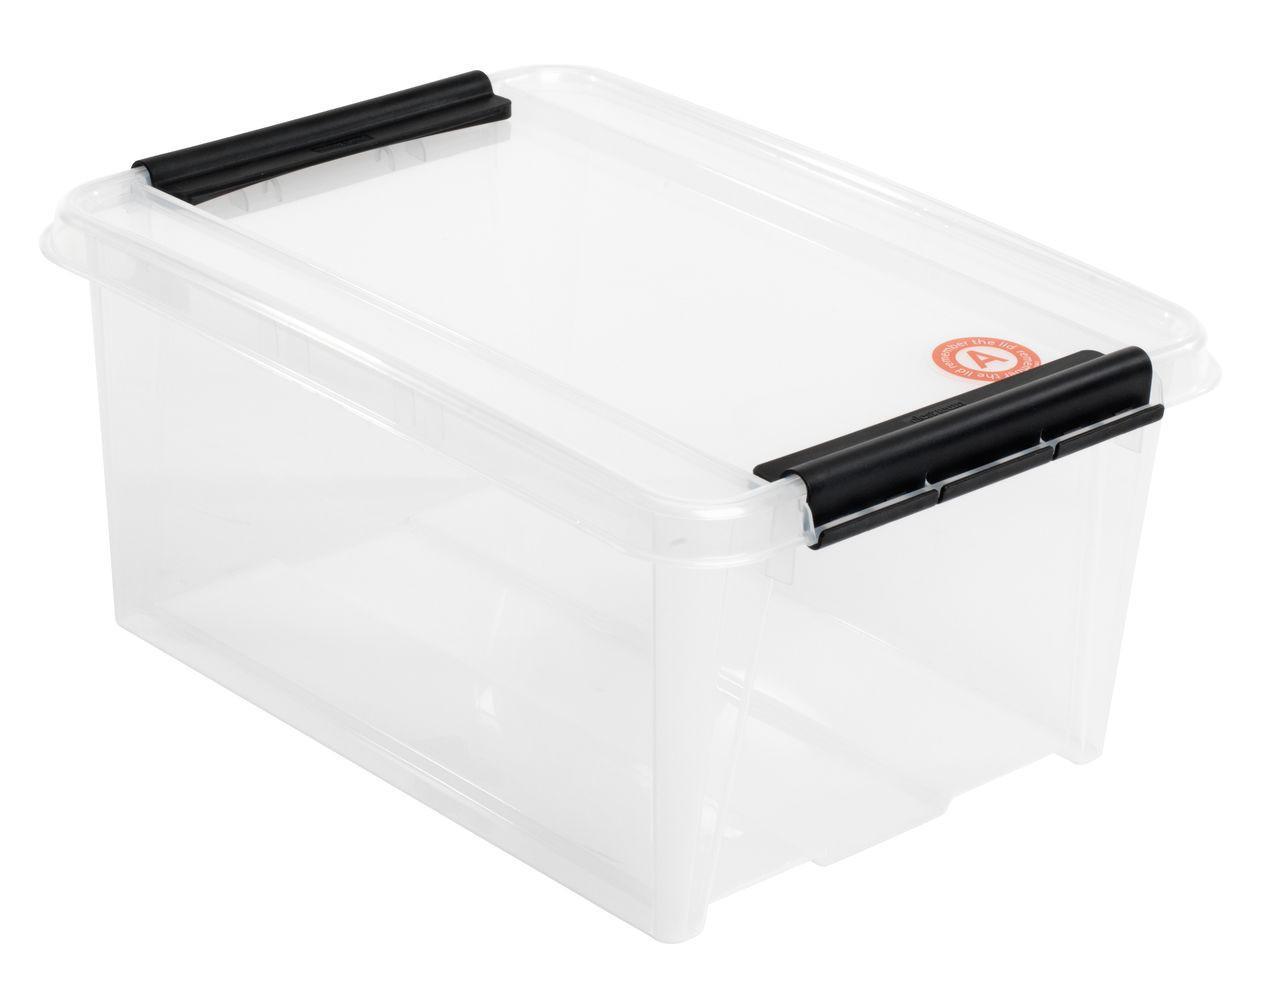 Ящик пластиковый для хранения прозрачный 14 л. с крышкой